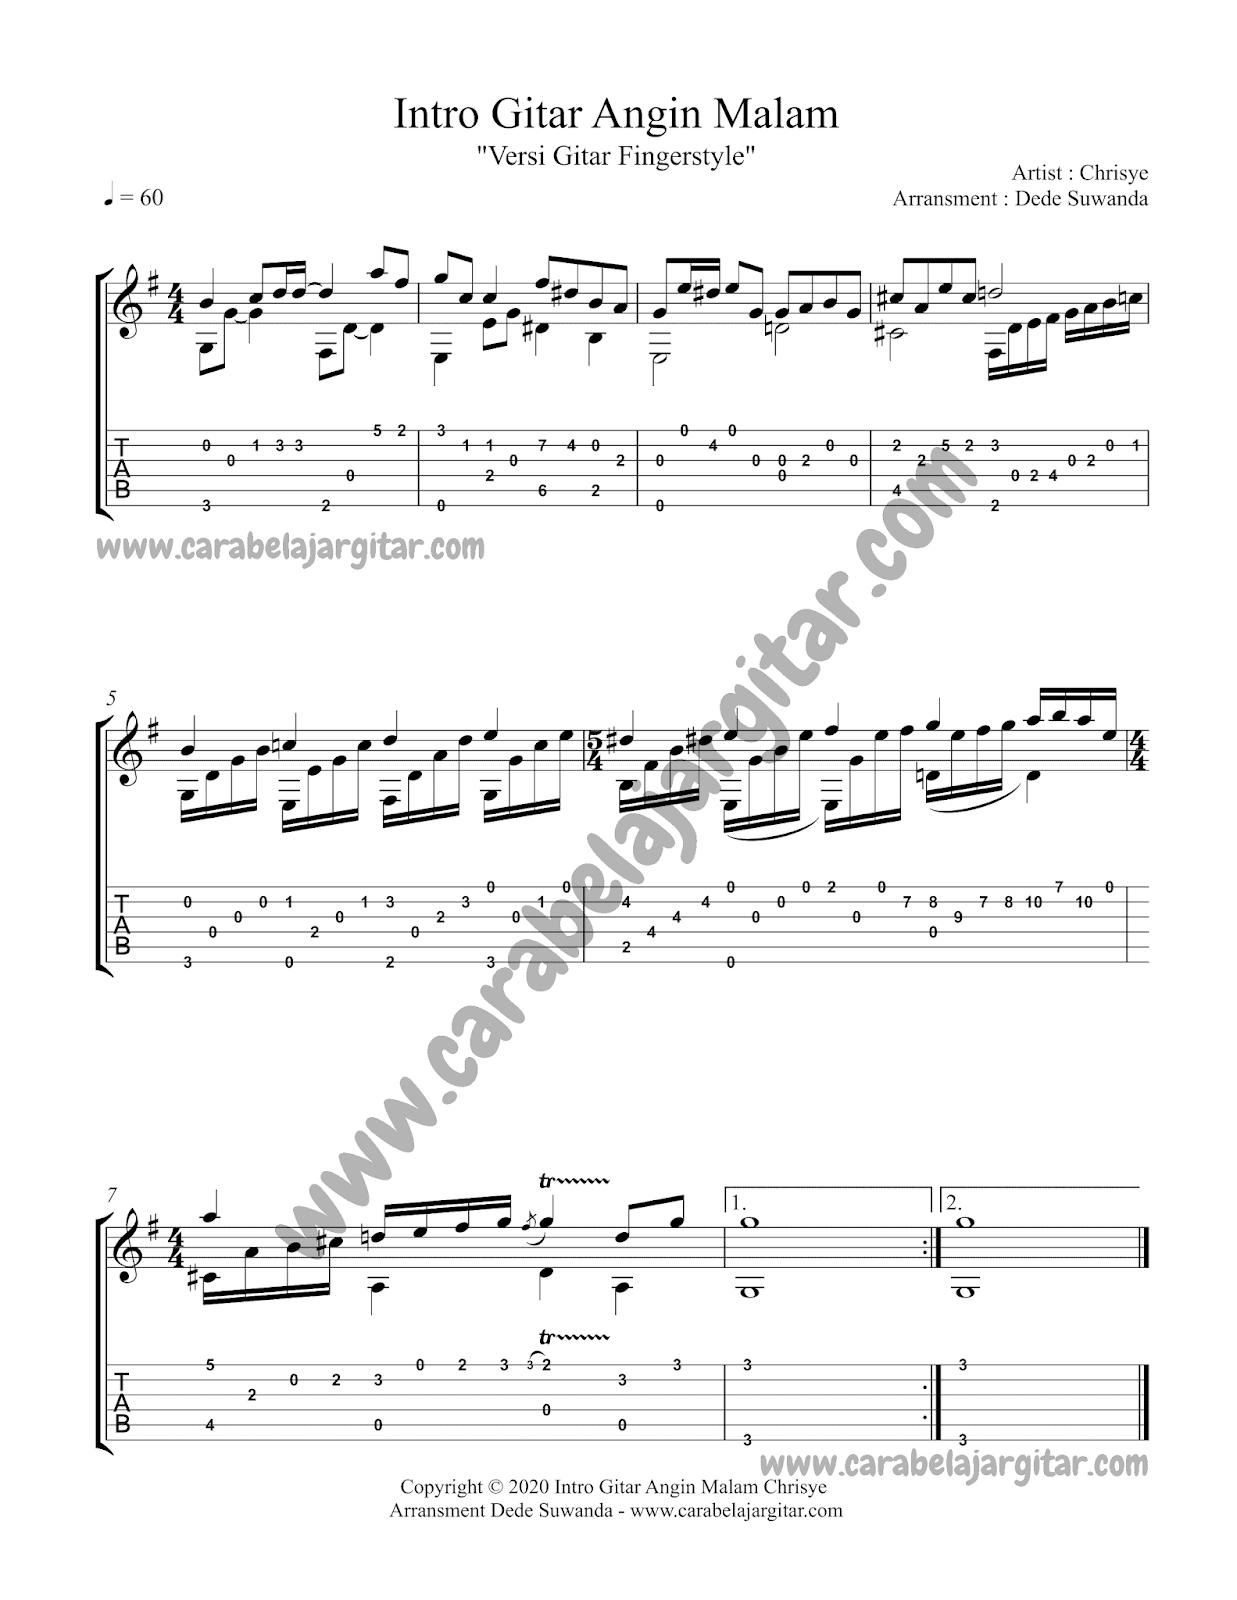 tutorial tablatur gitar dan video intro gitar lagu angin malam dari penyanyi Chrisye